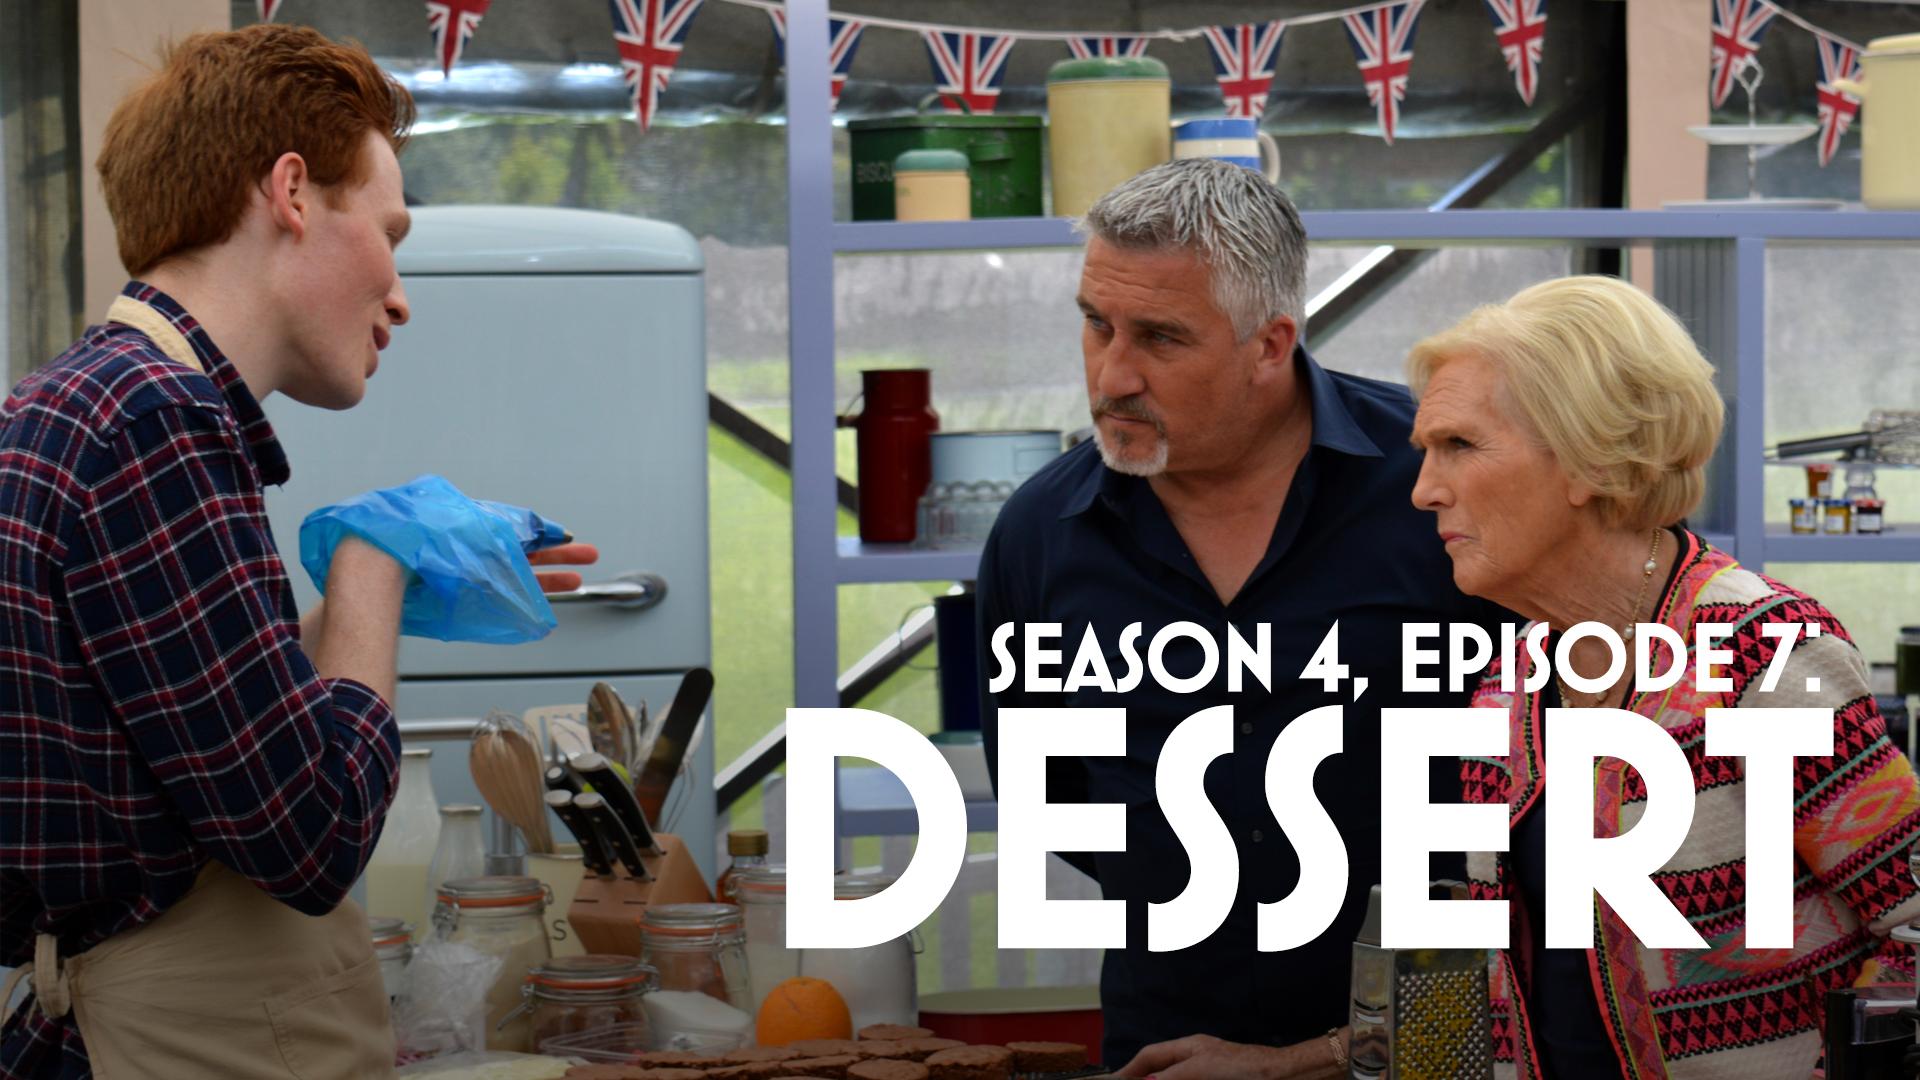 Episode 7: Desserts